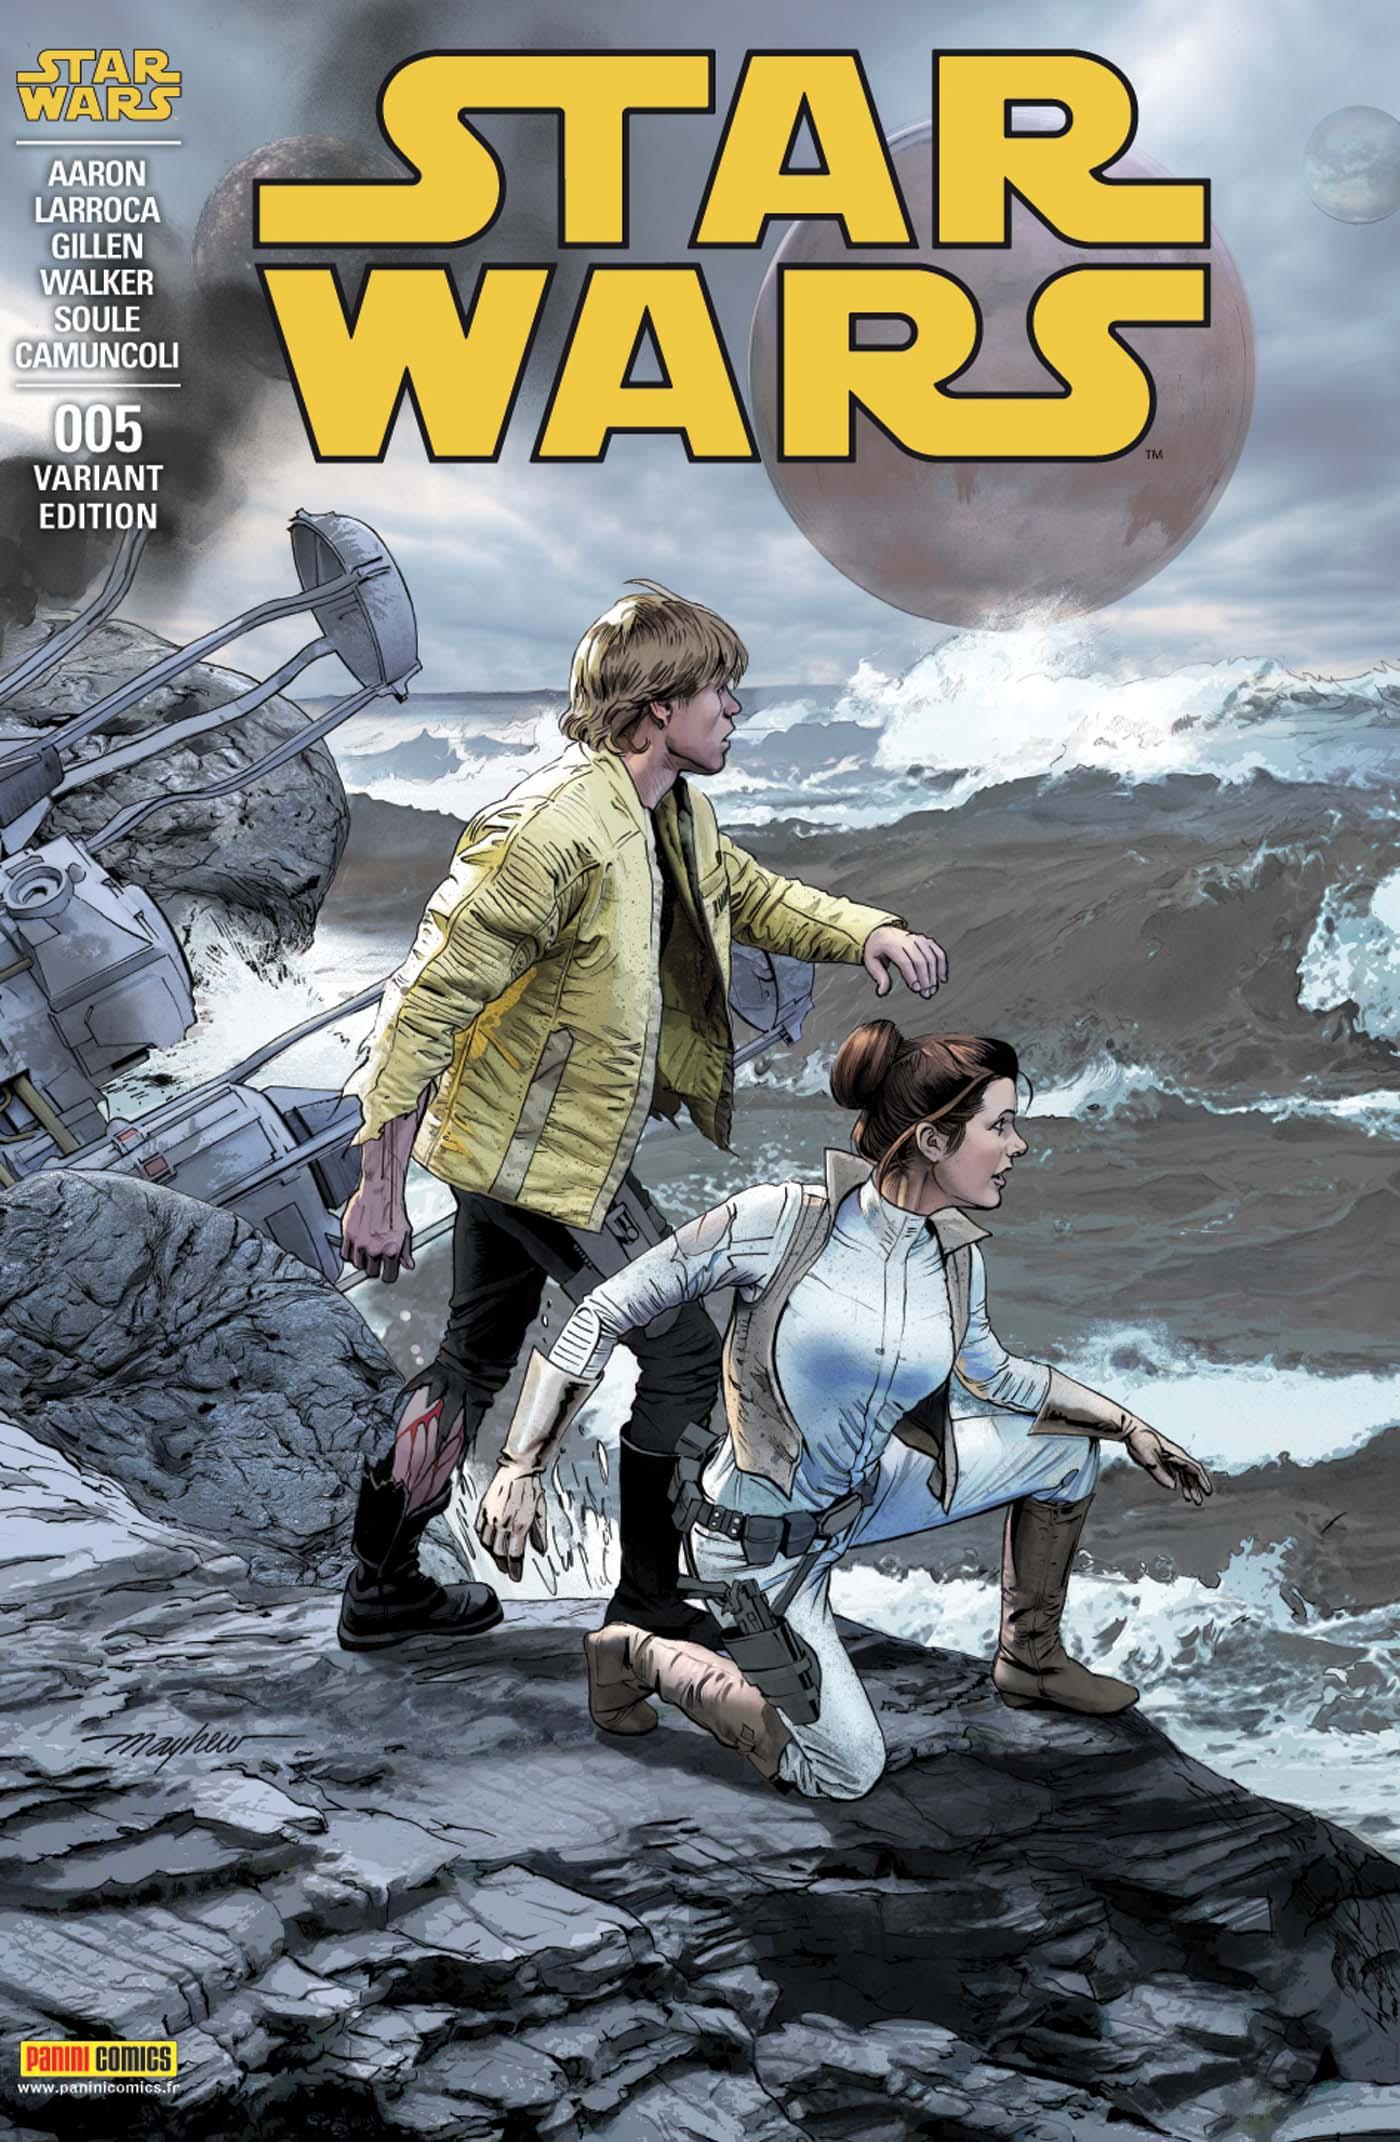 Star Wars The Force Réveille 3.75 pouces véhicule d/'assaut Walker